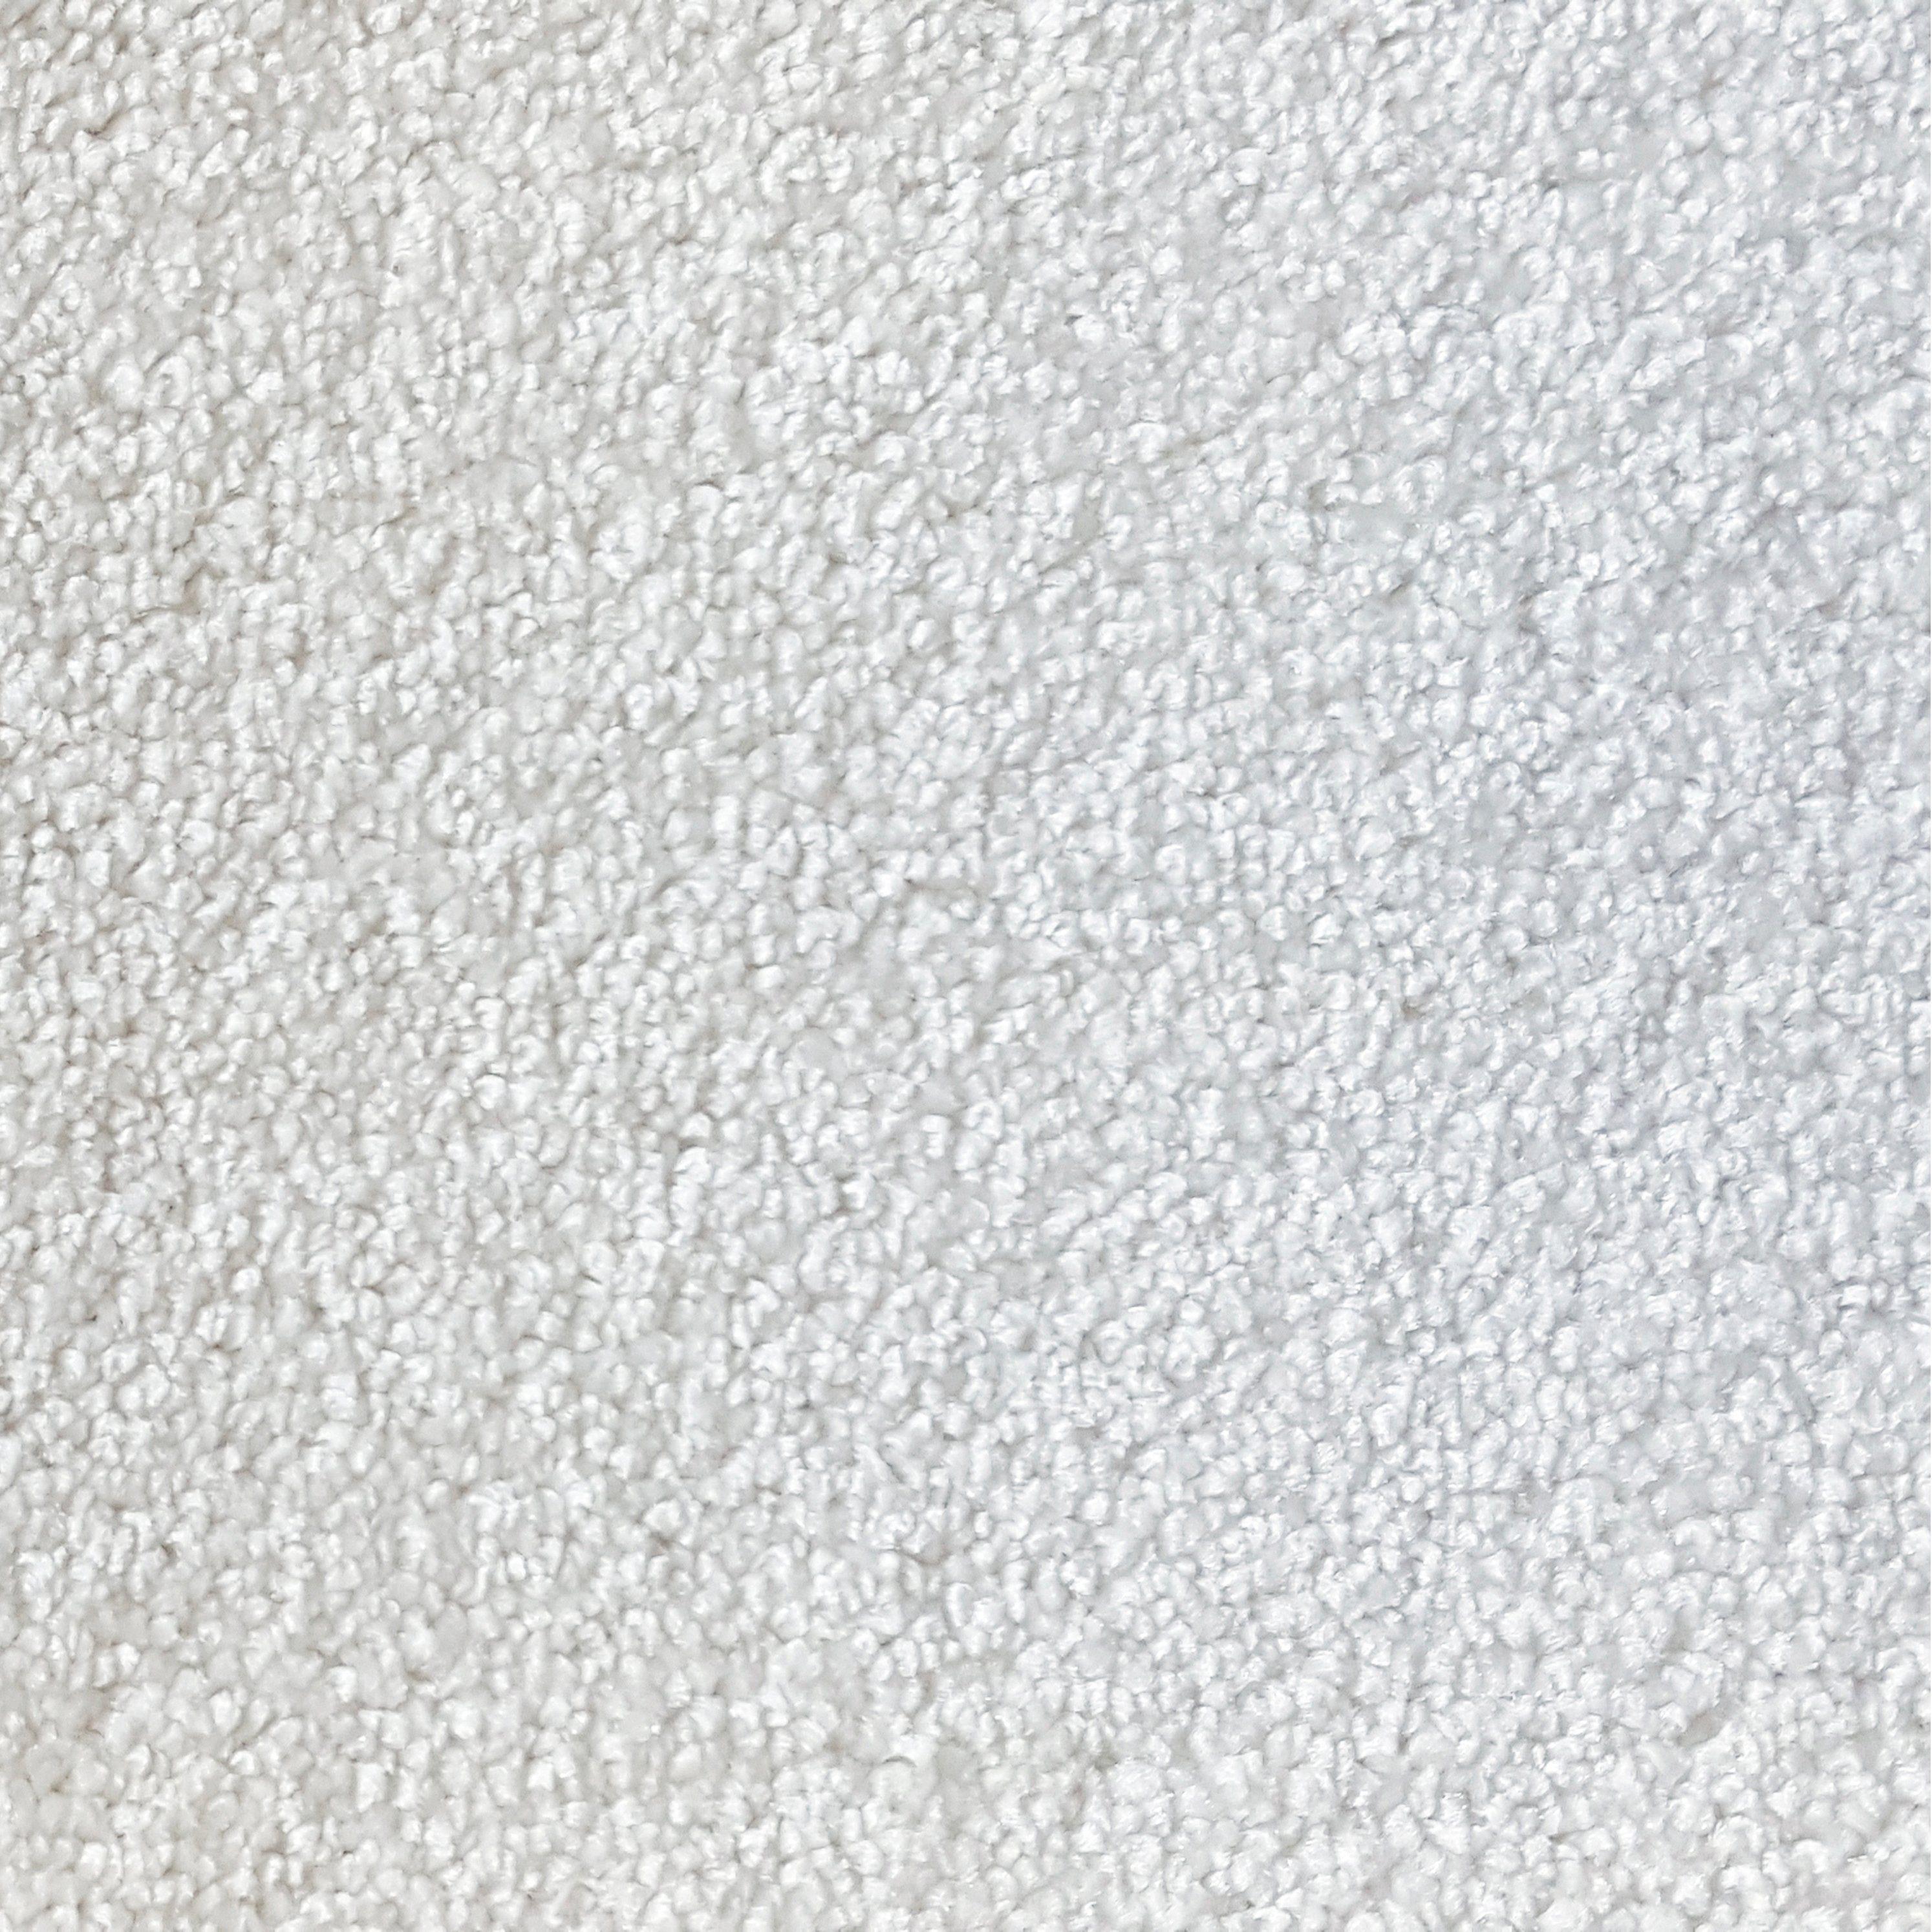 ANDIAMO Teppichboden »Wolga altweiß«, Breite 400 cm